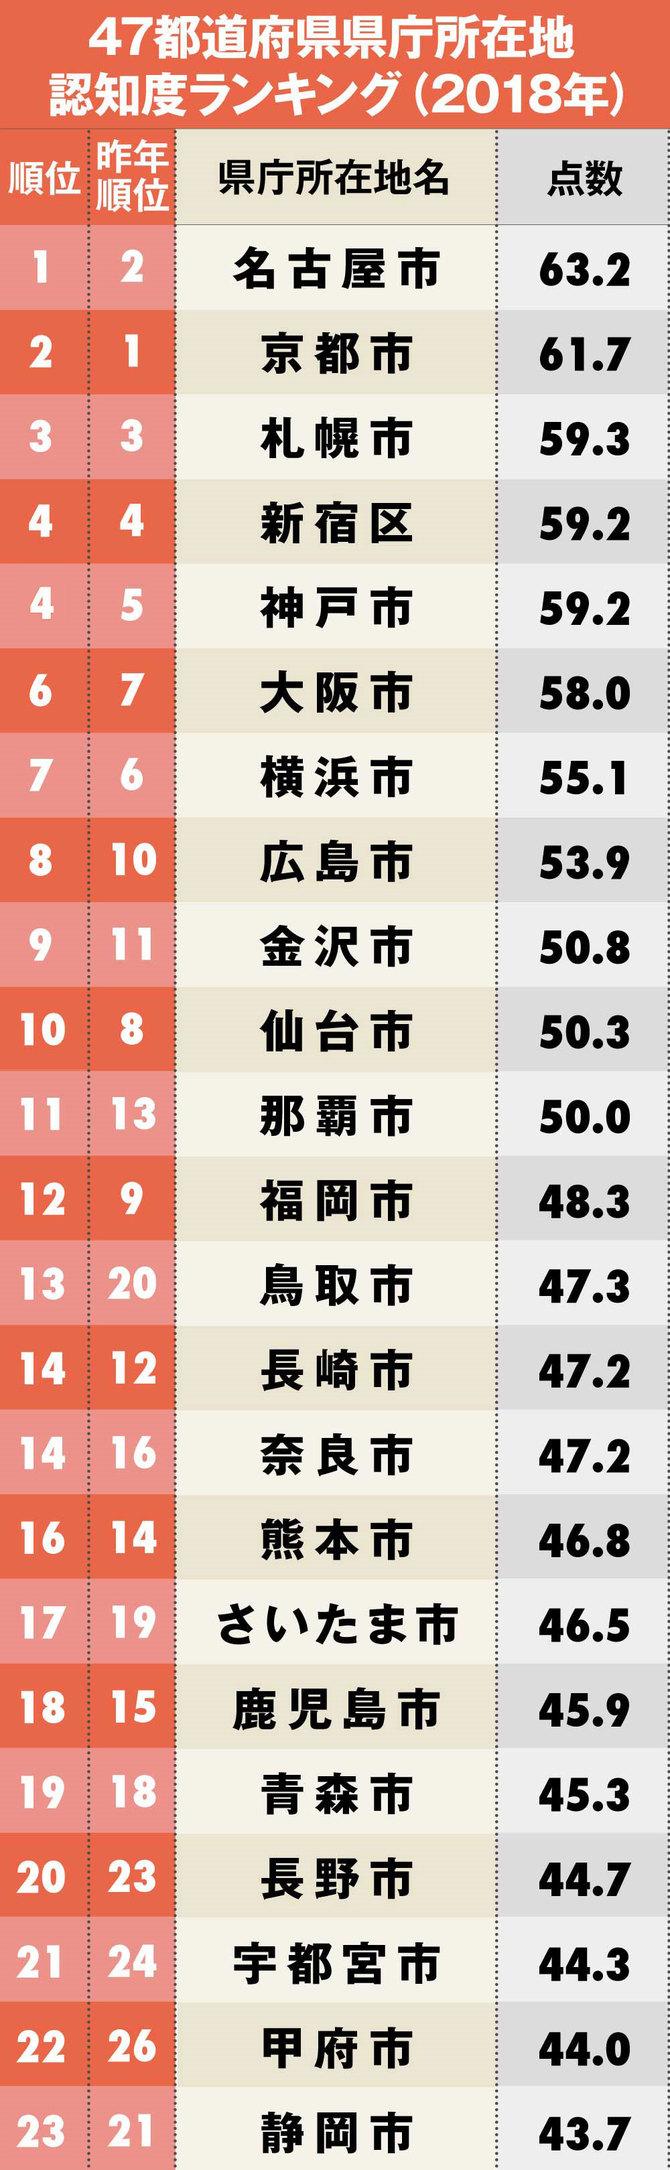 47都道府県の県庁所在地「認知度」ランキング【完全版】 | 日本全国ご ...